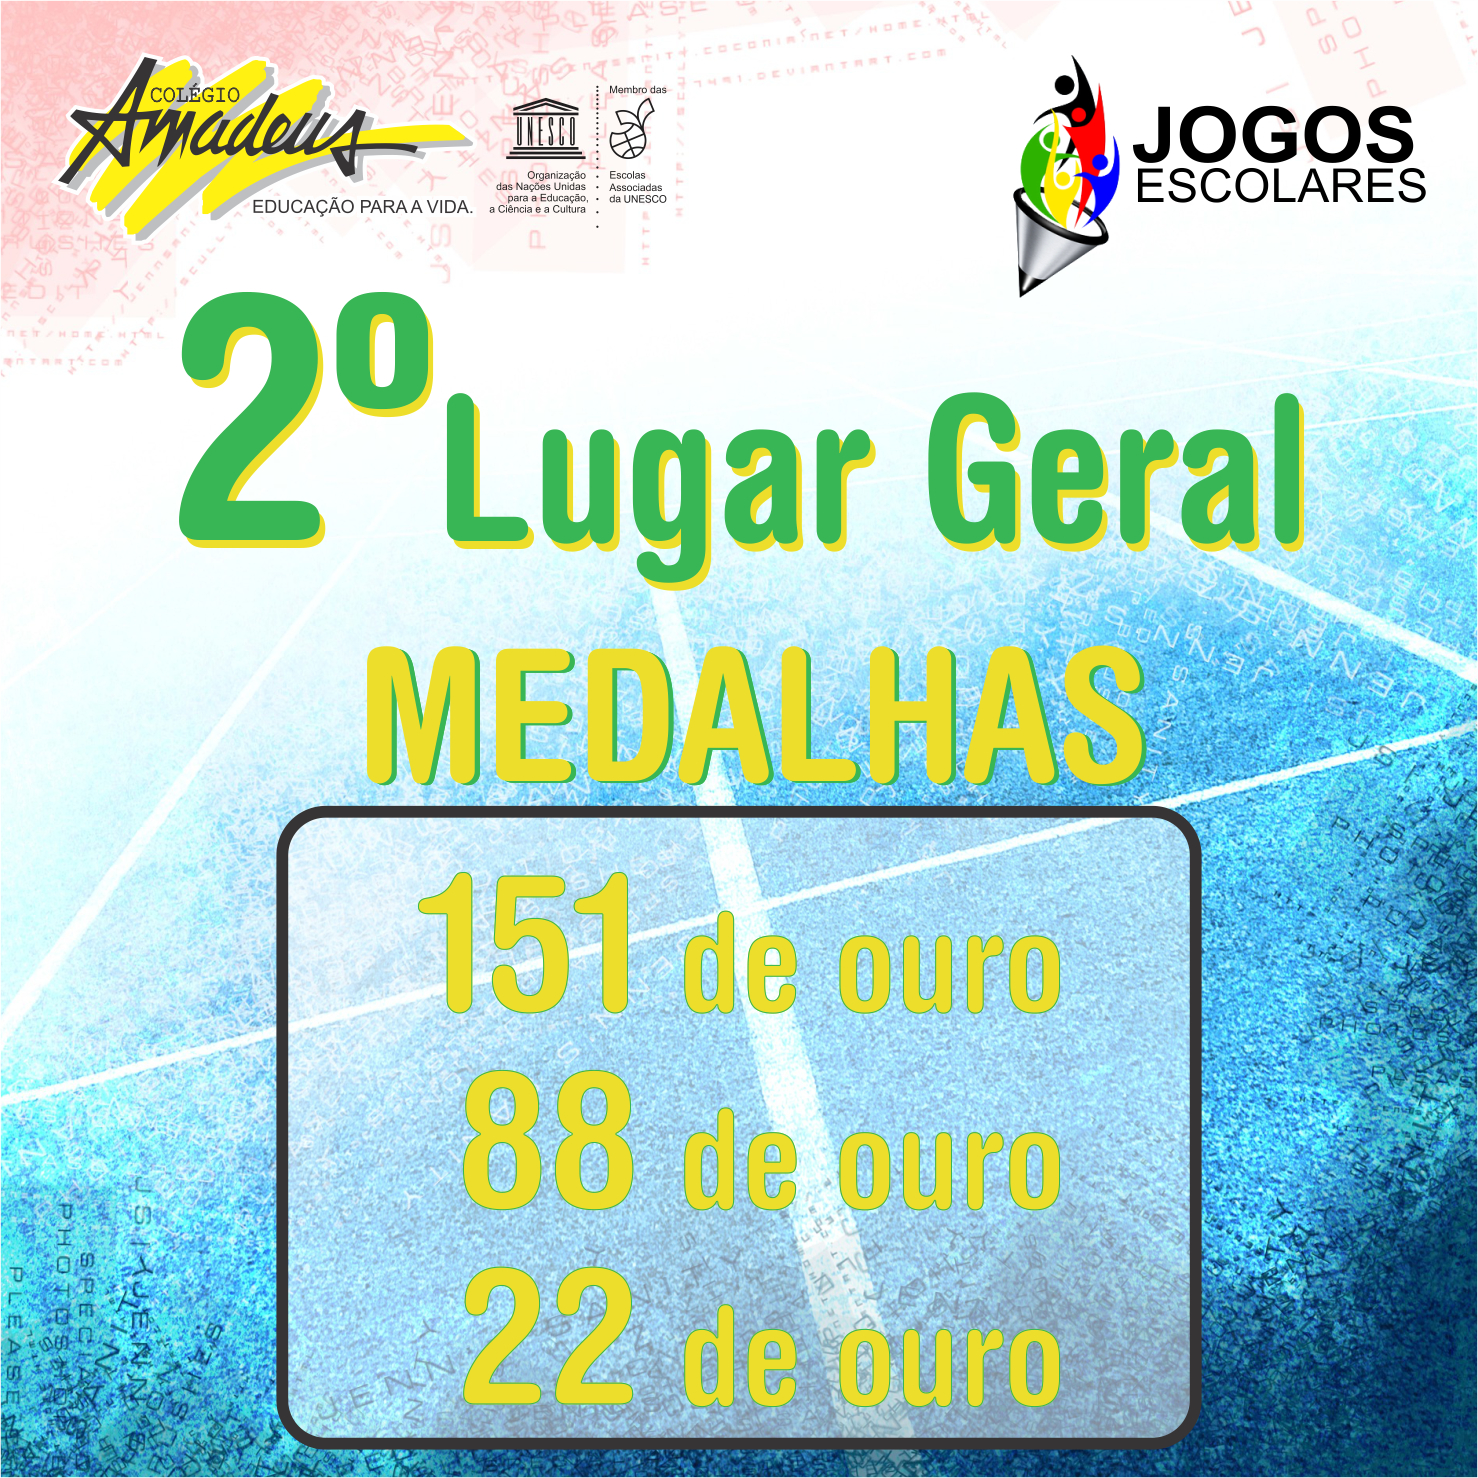 Amadeus é a Escola Vice Campeã dos Jogos Escolares Tv Sergipe 2018